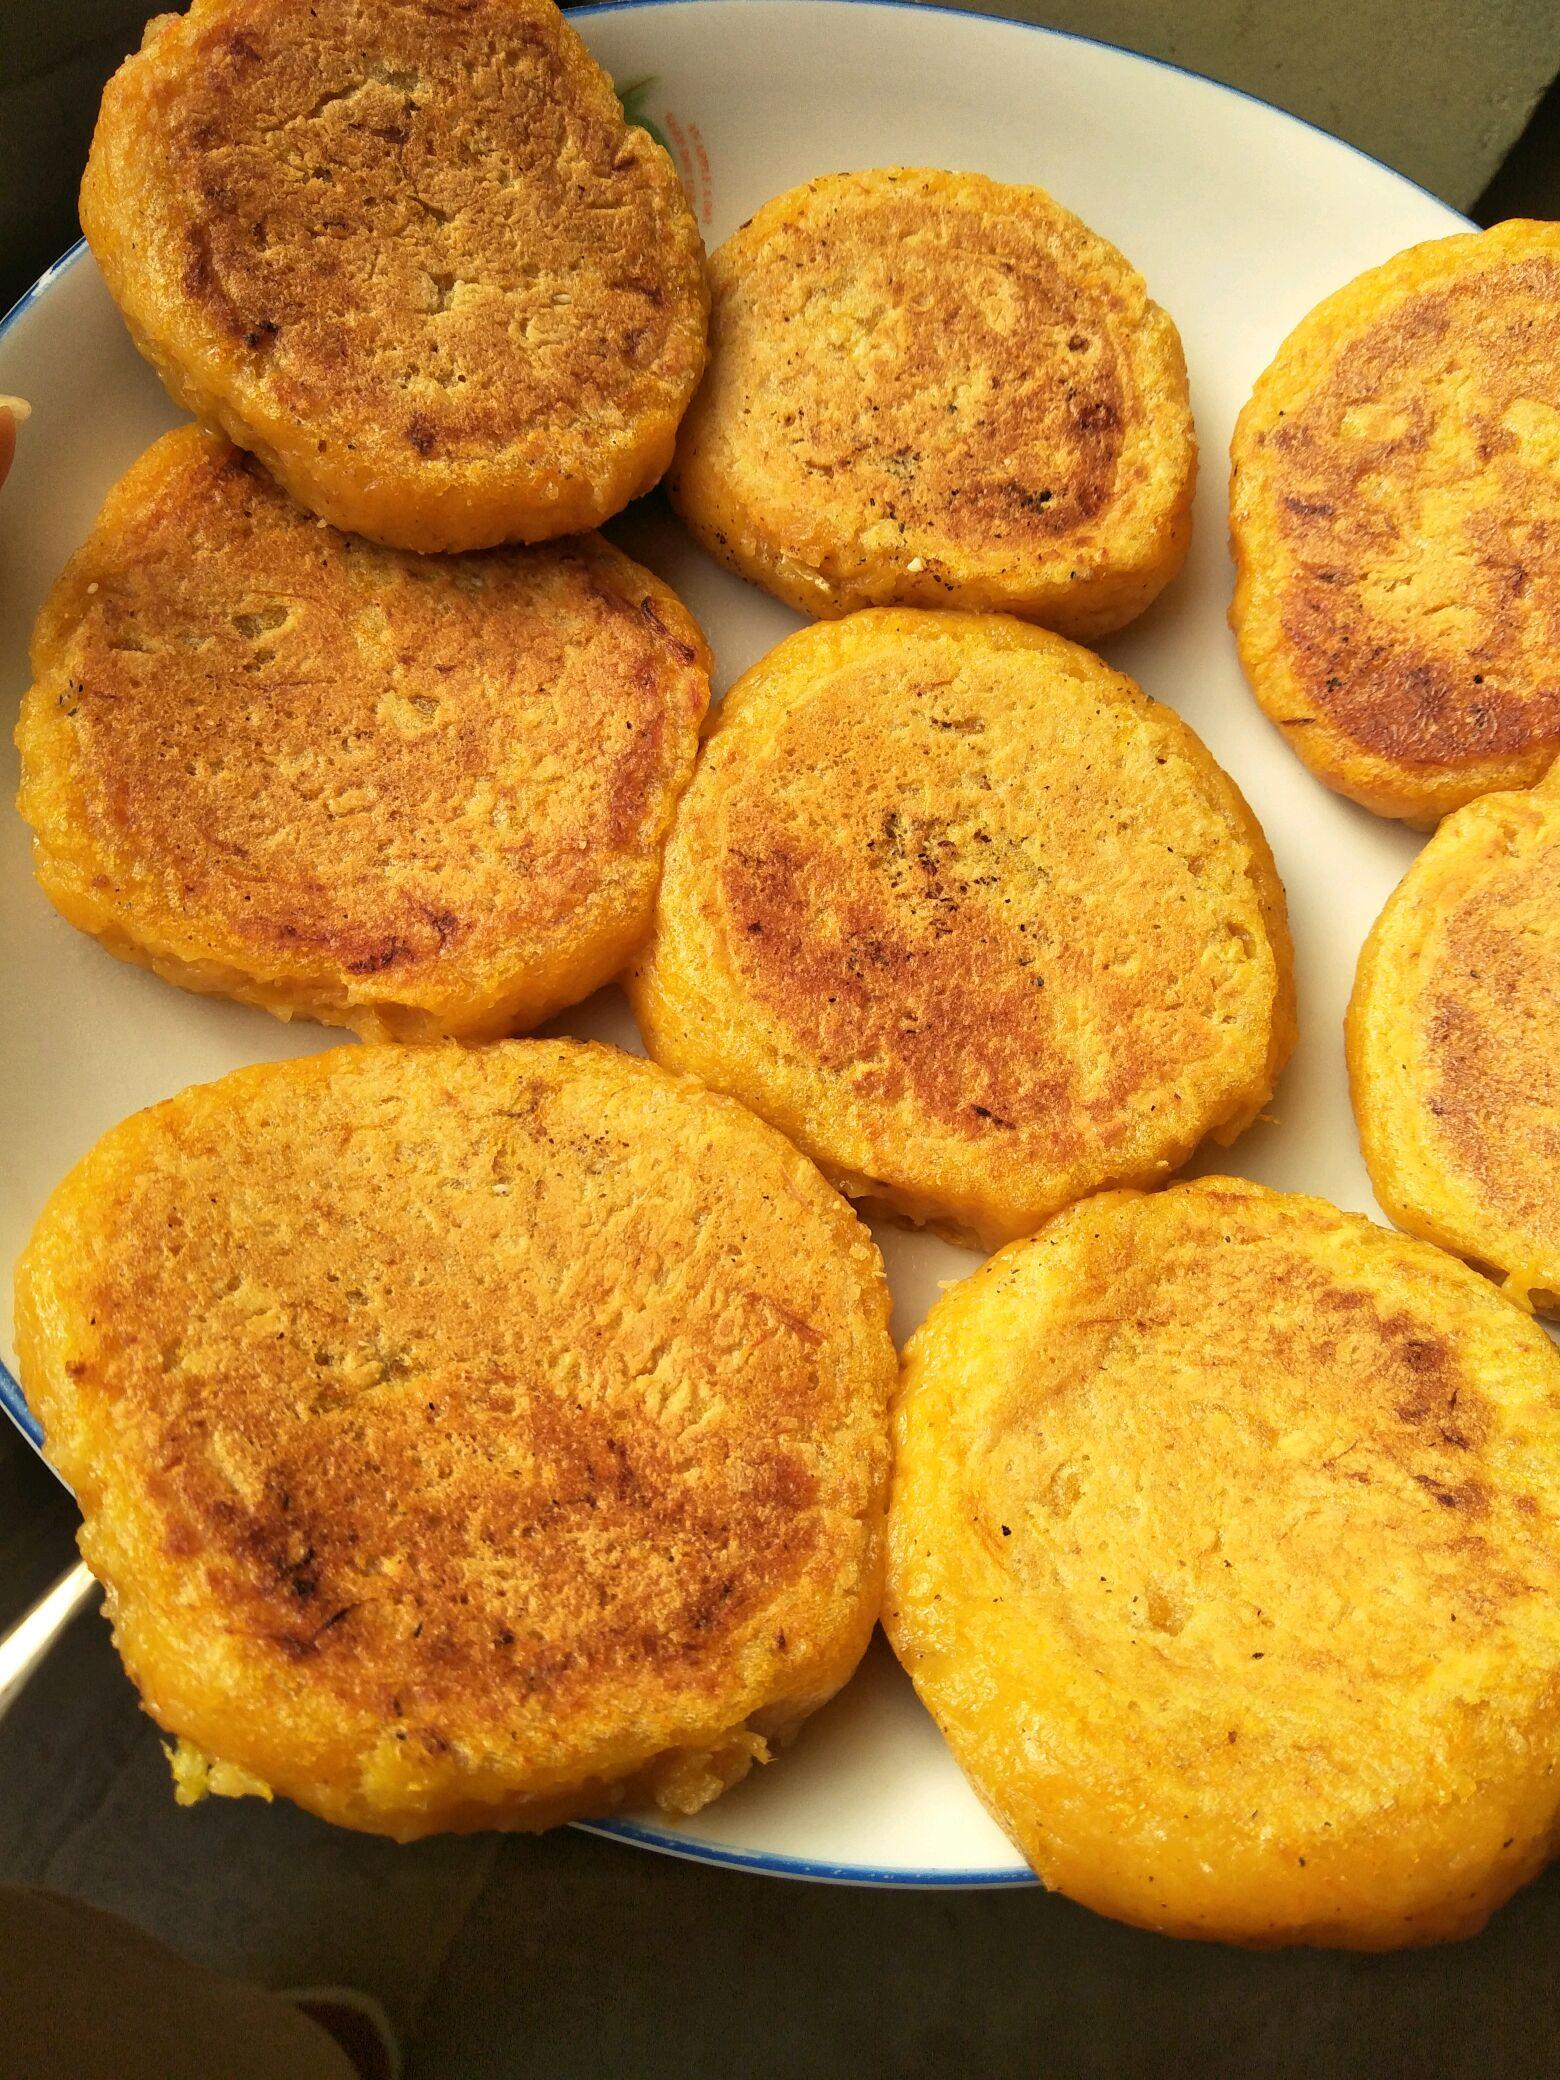 桂花芝麻糖瓜饼的做法_【图解】桂花芝麻糖瓜饼怎么做